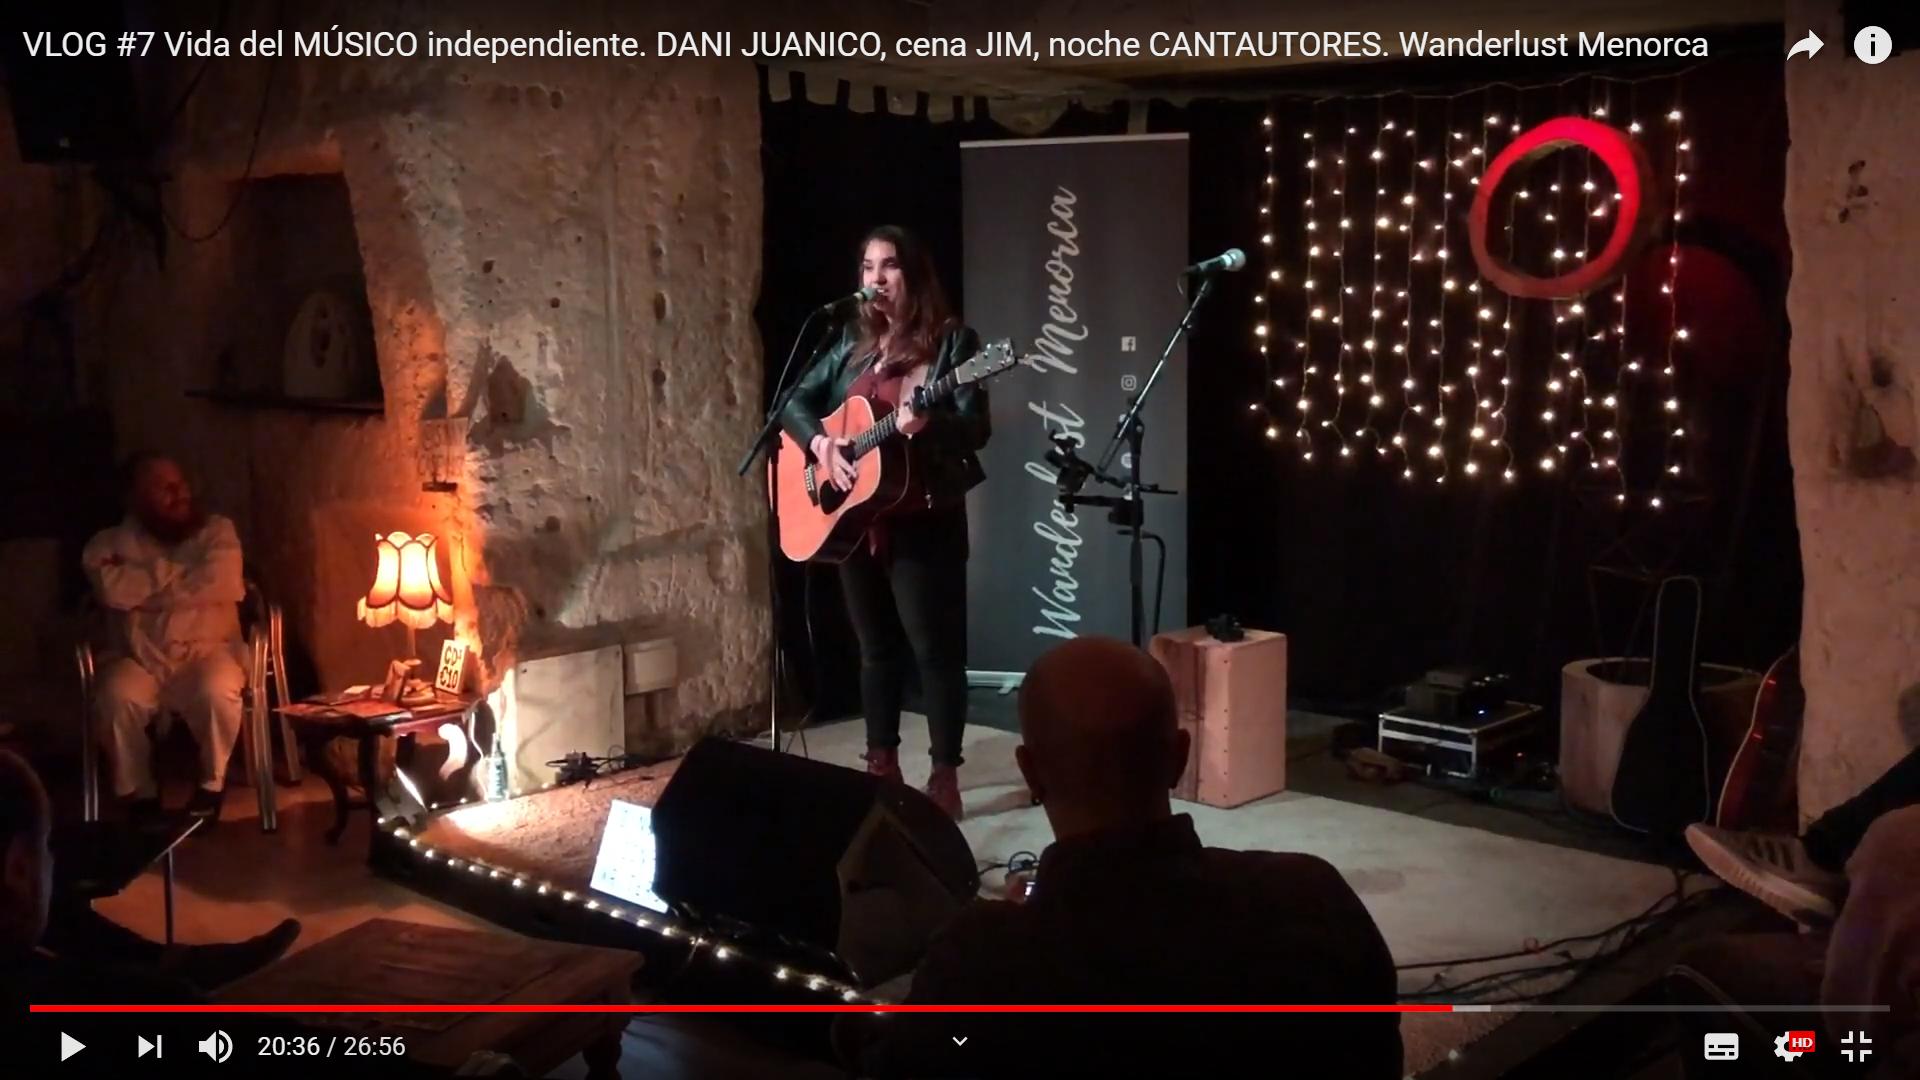 VLOG #7 Vida del MÚSICO independiente. DANI JUANICO, cena JIM, noche CANTAUTORES.